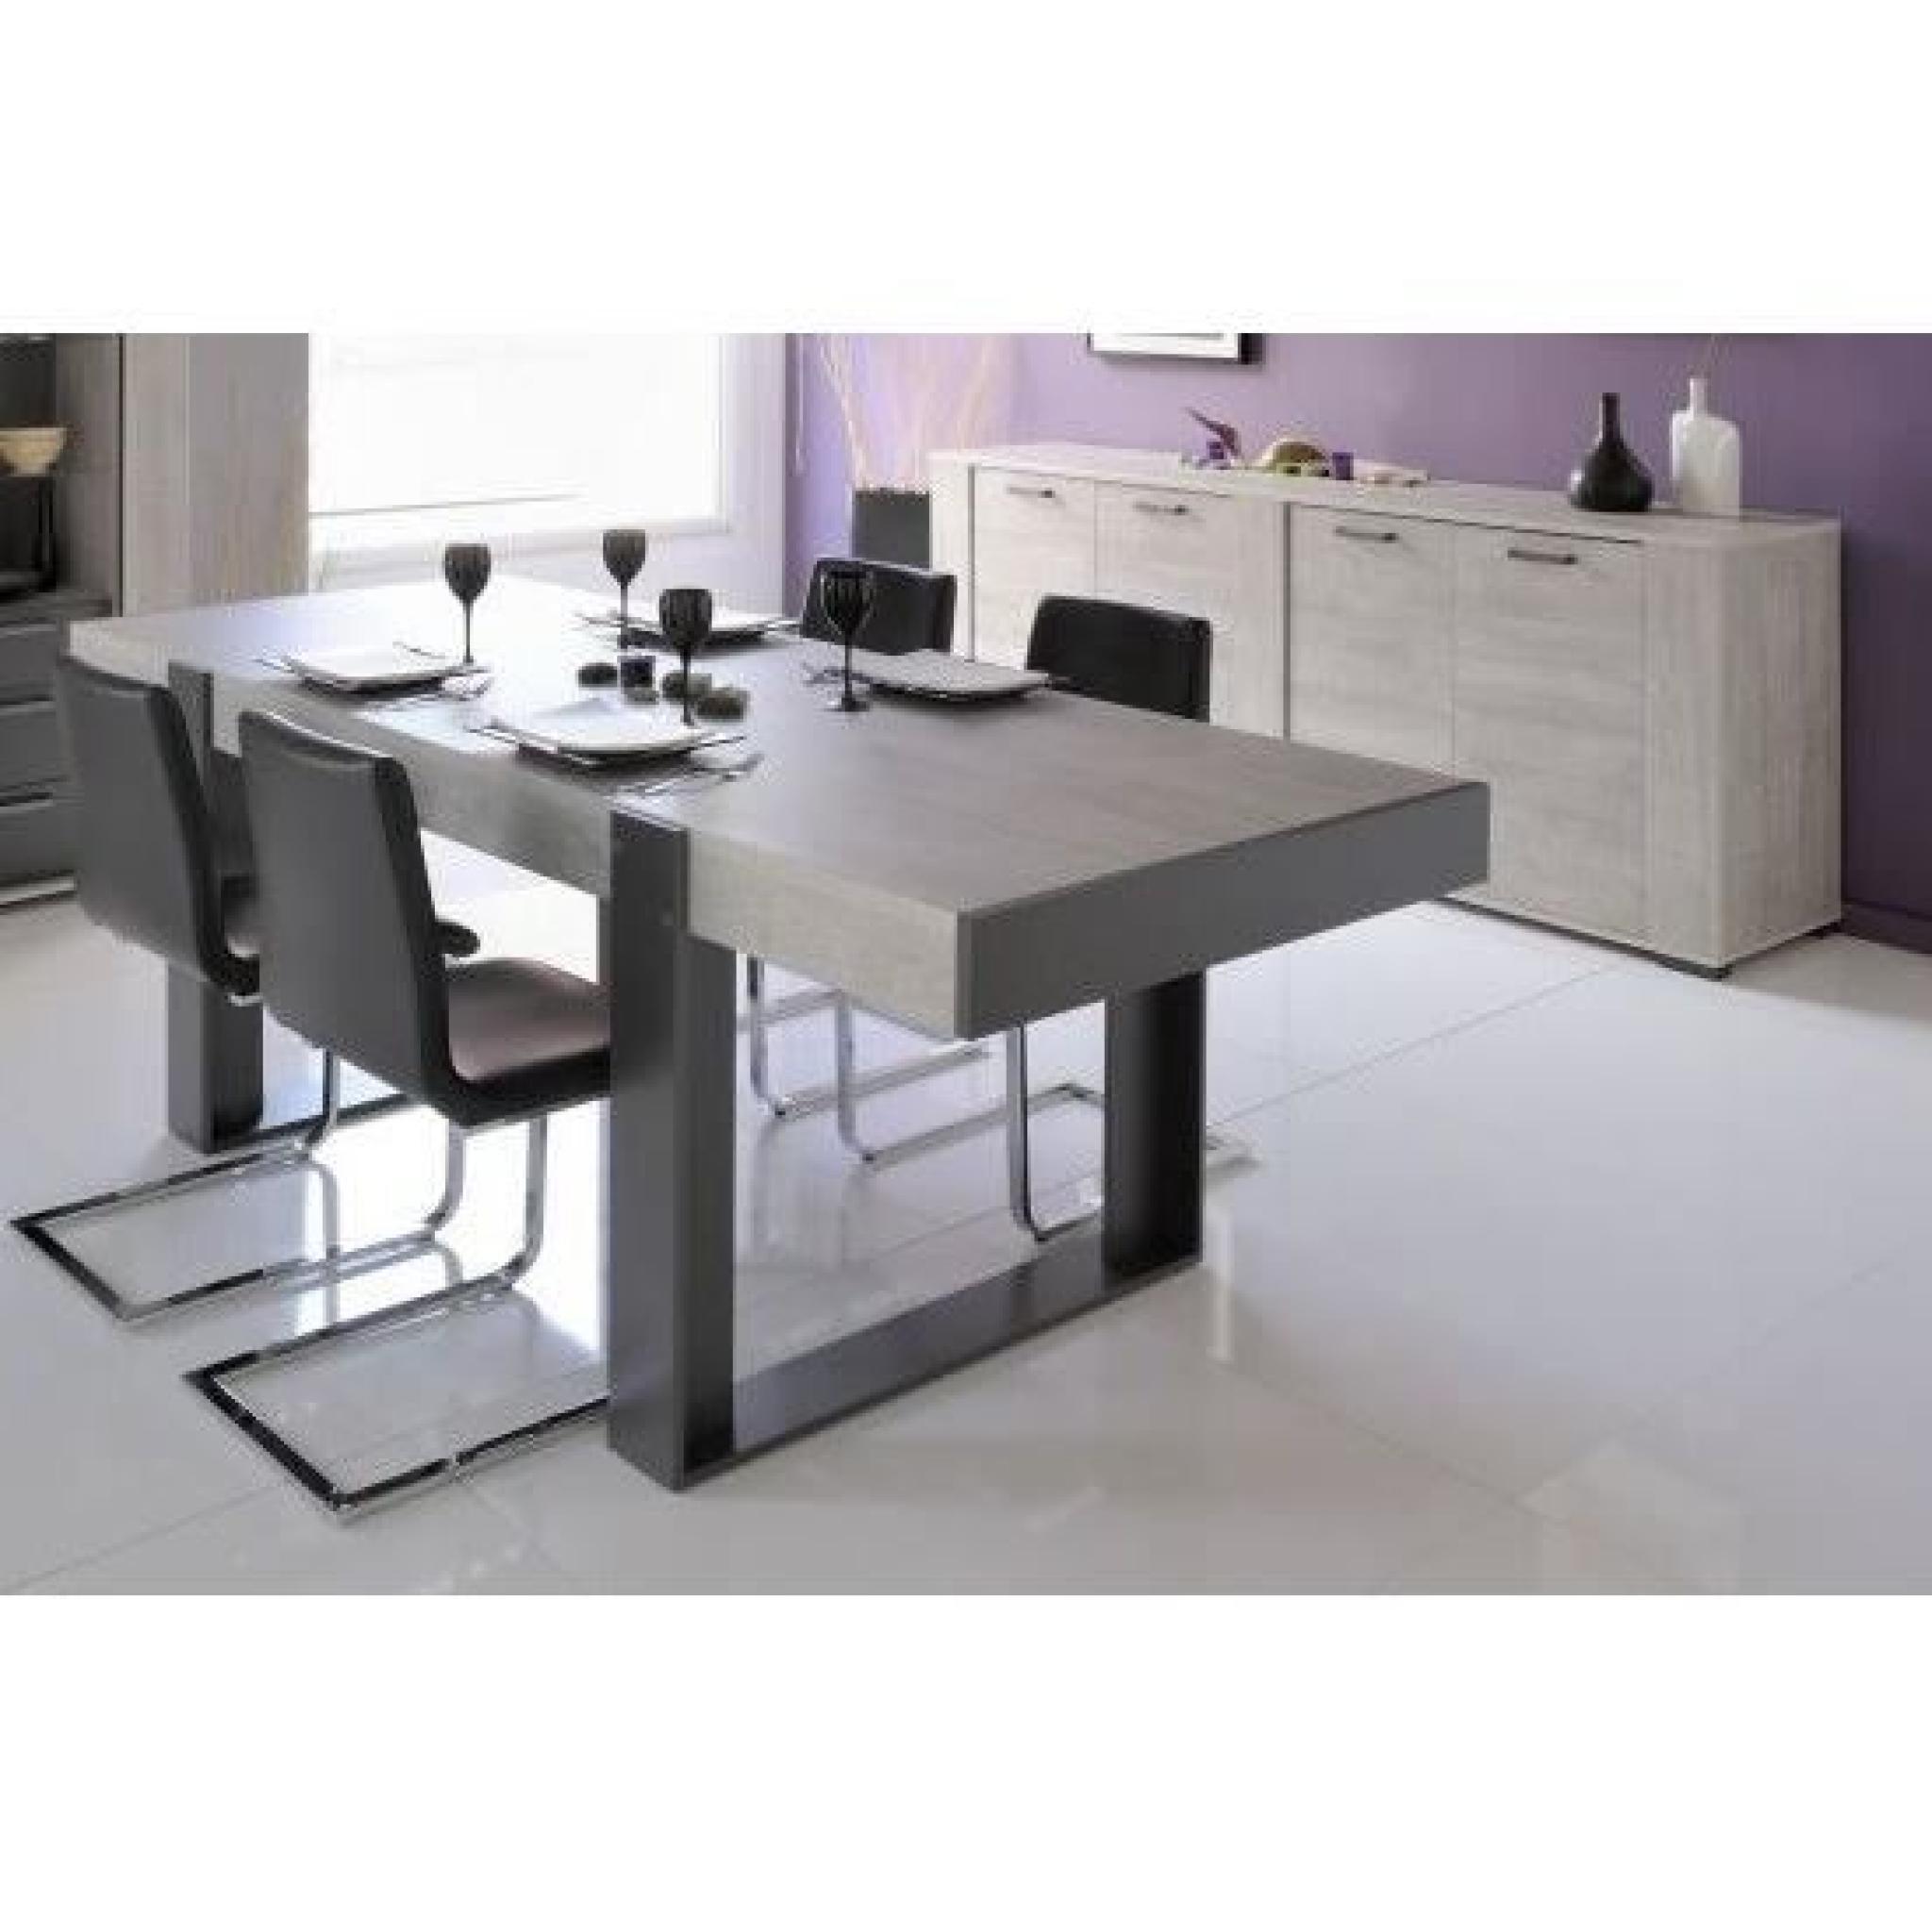 loft salle manger compl te d cor gris 2 pi ces 1 table 1 buffet bas achat vente ensemble. Black Bedroom Furniture Sets. Home Design Ideas